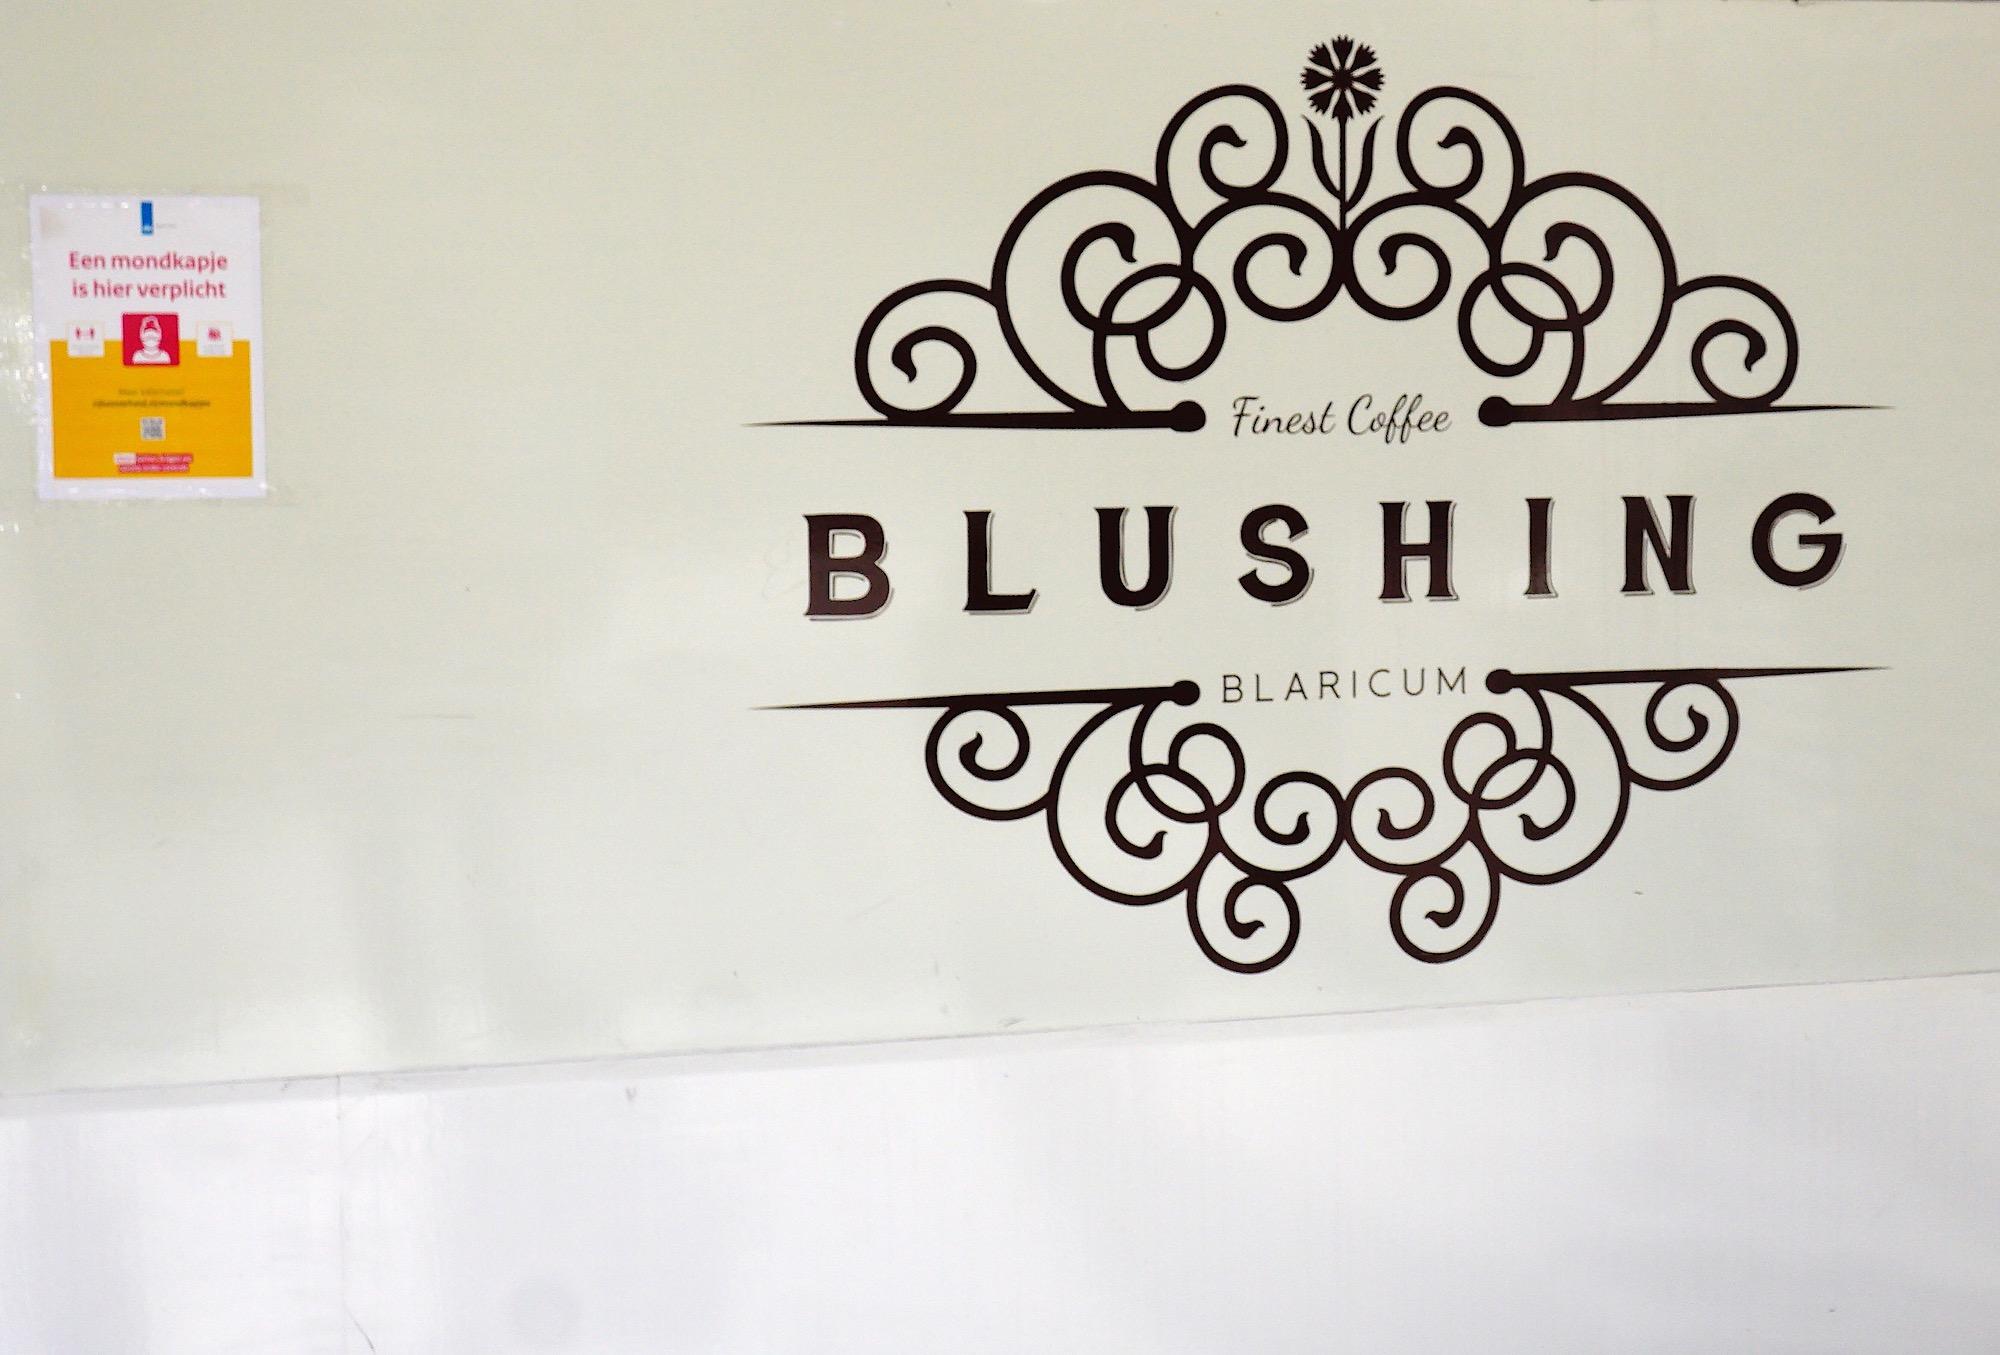 blushing - 1